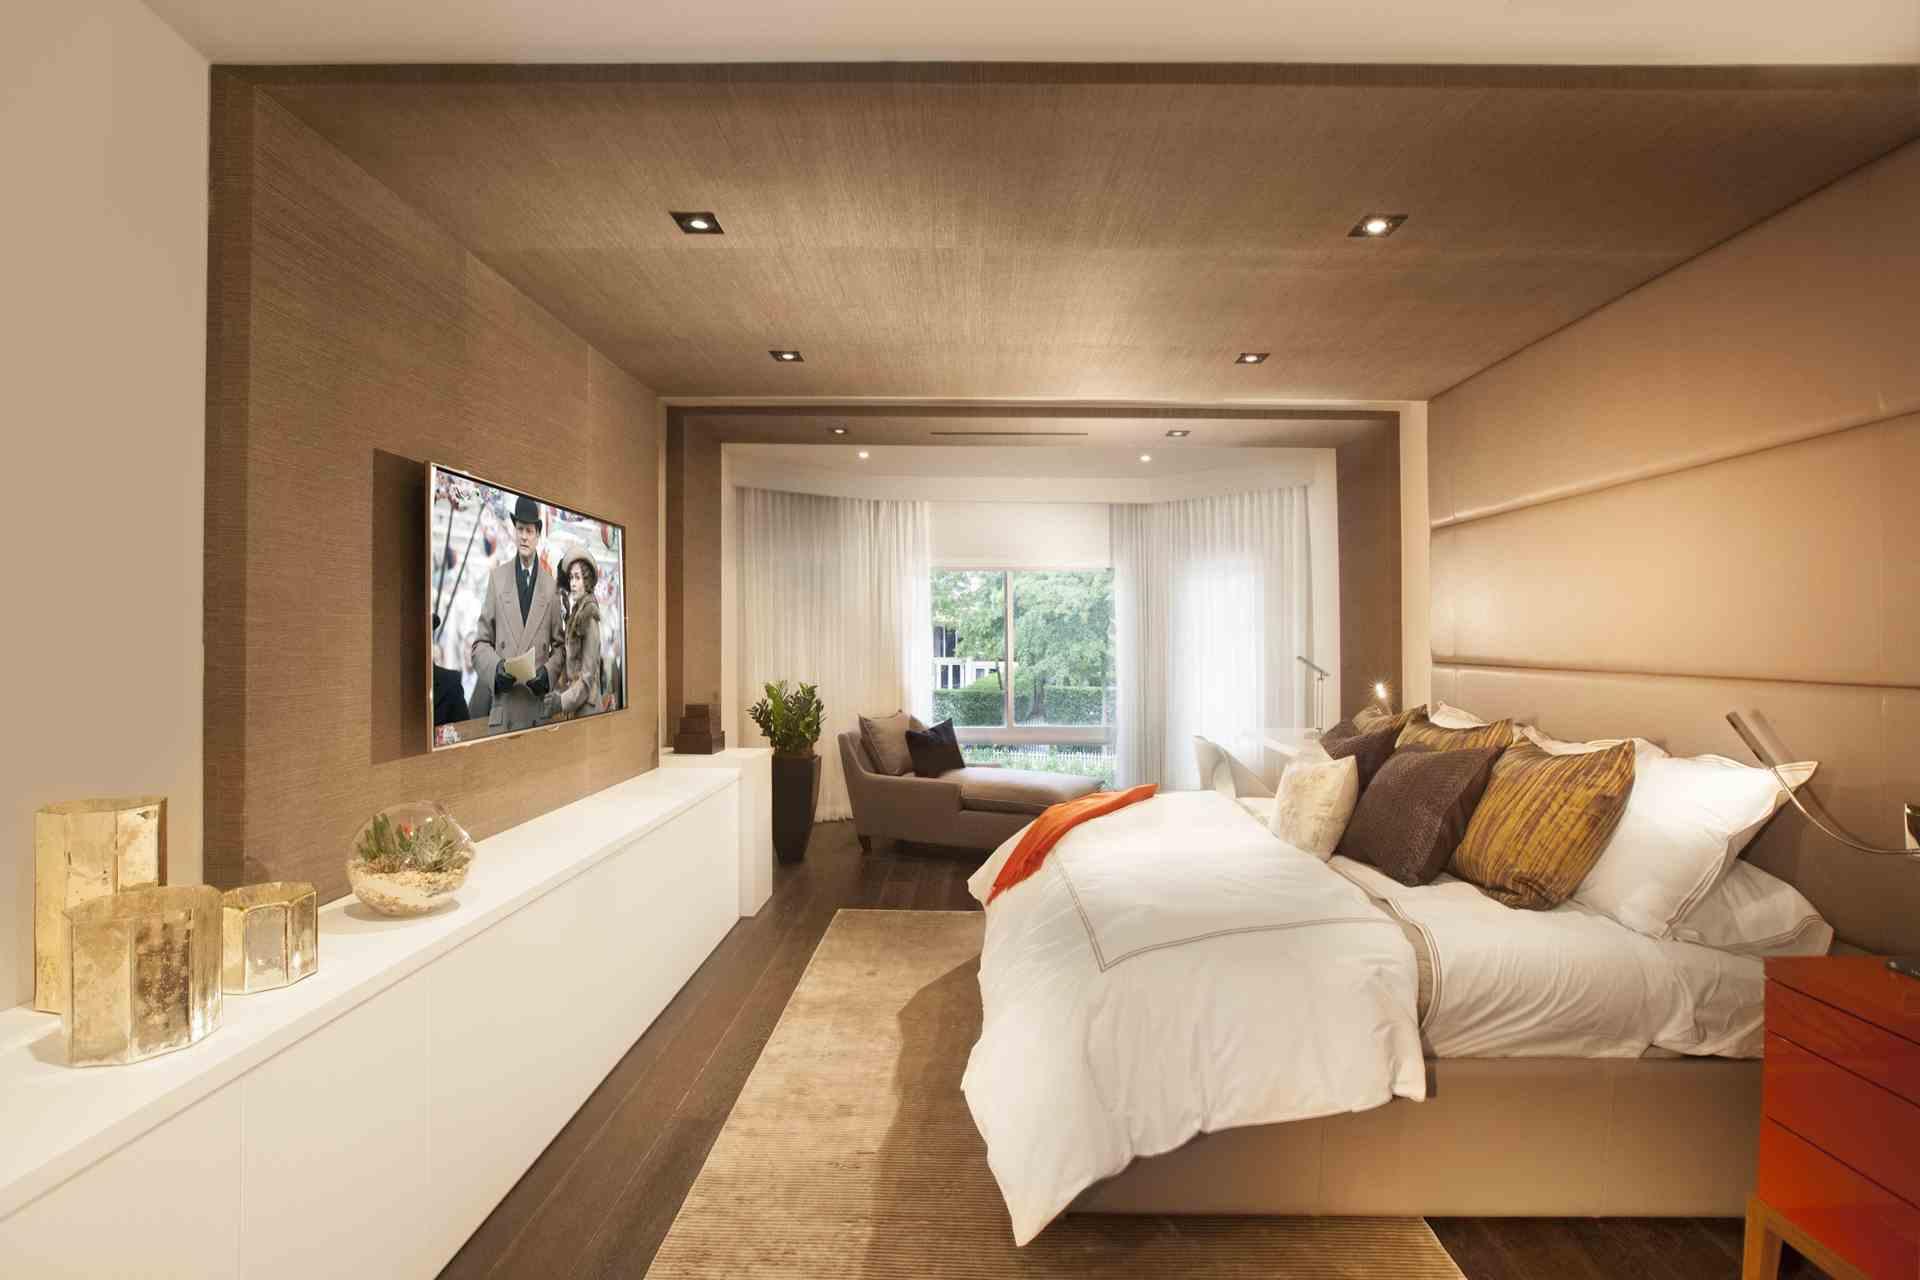 Headboard Design By Miami Based Interior Designers